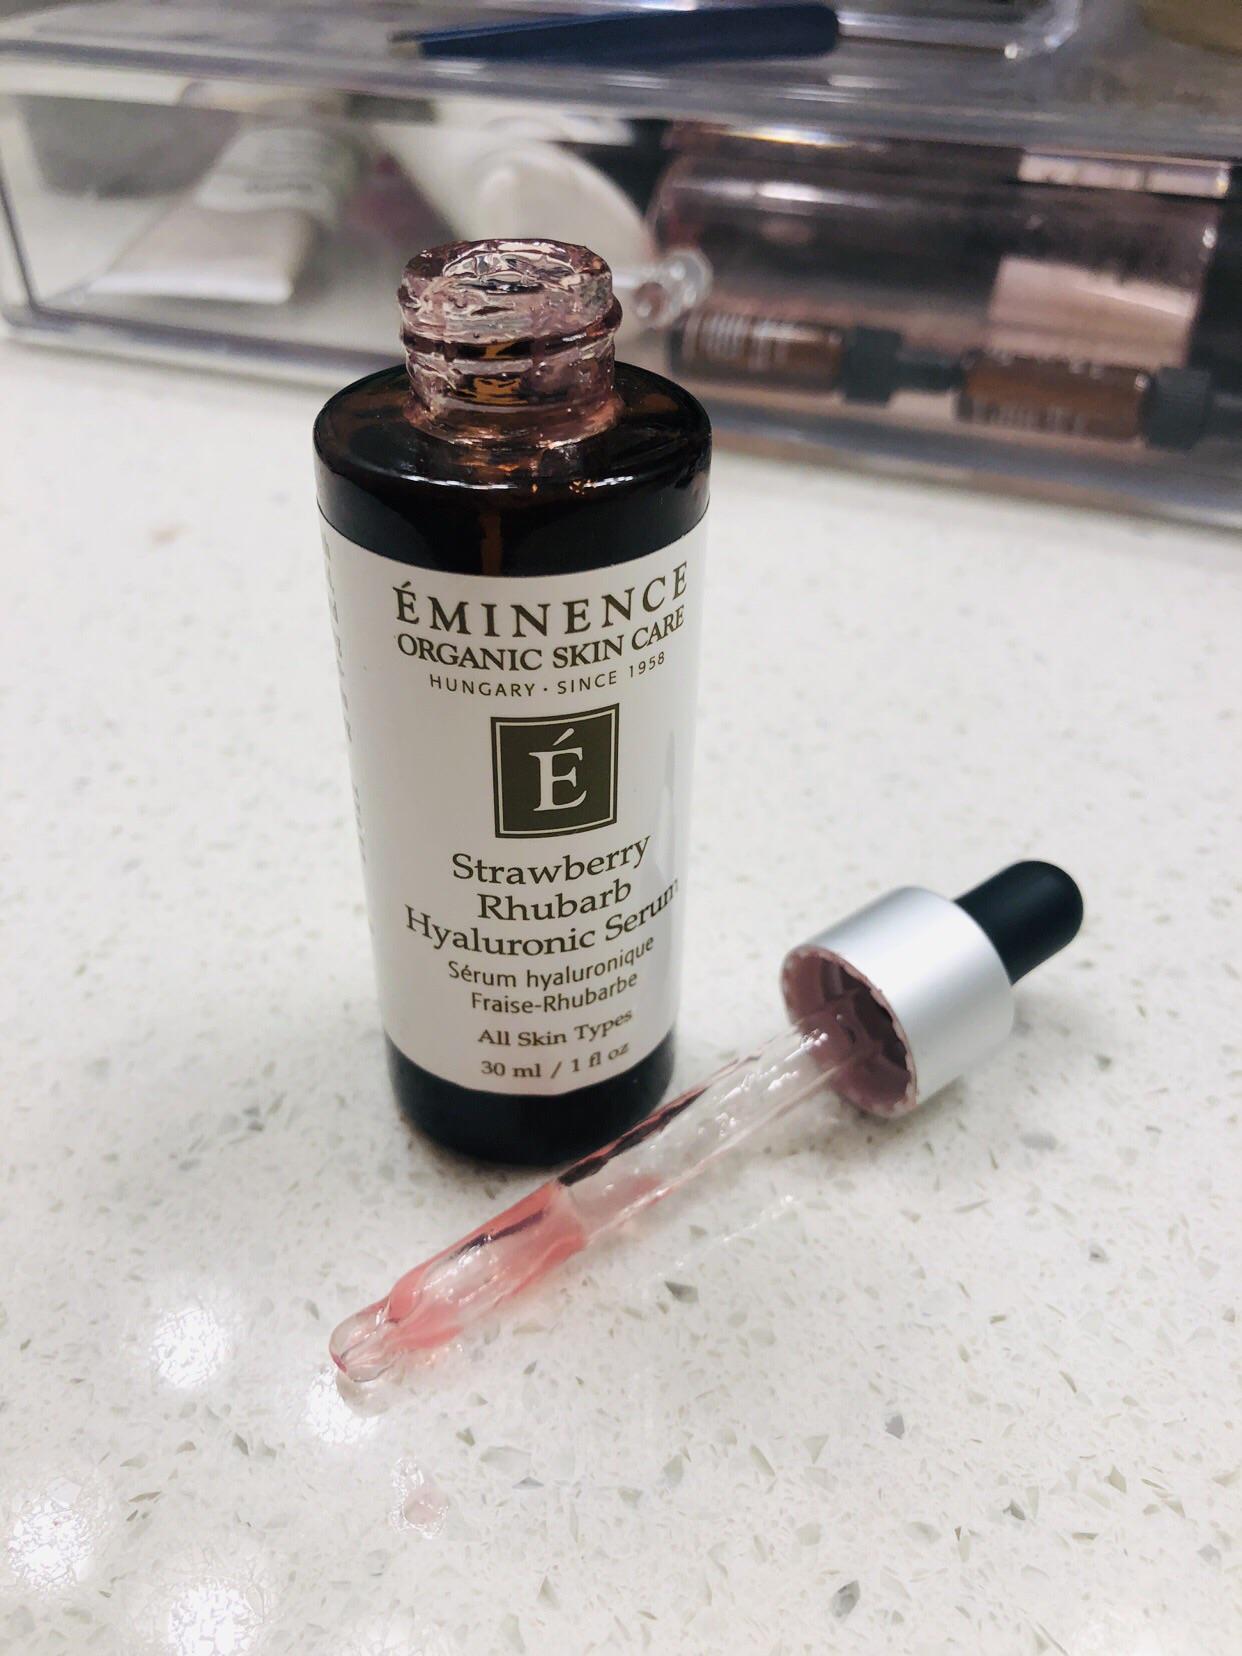 Kết quả hình ảnh cho Eminence Strawberry Rhubarb Hyaluronic Serum